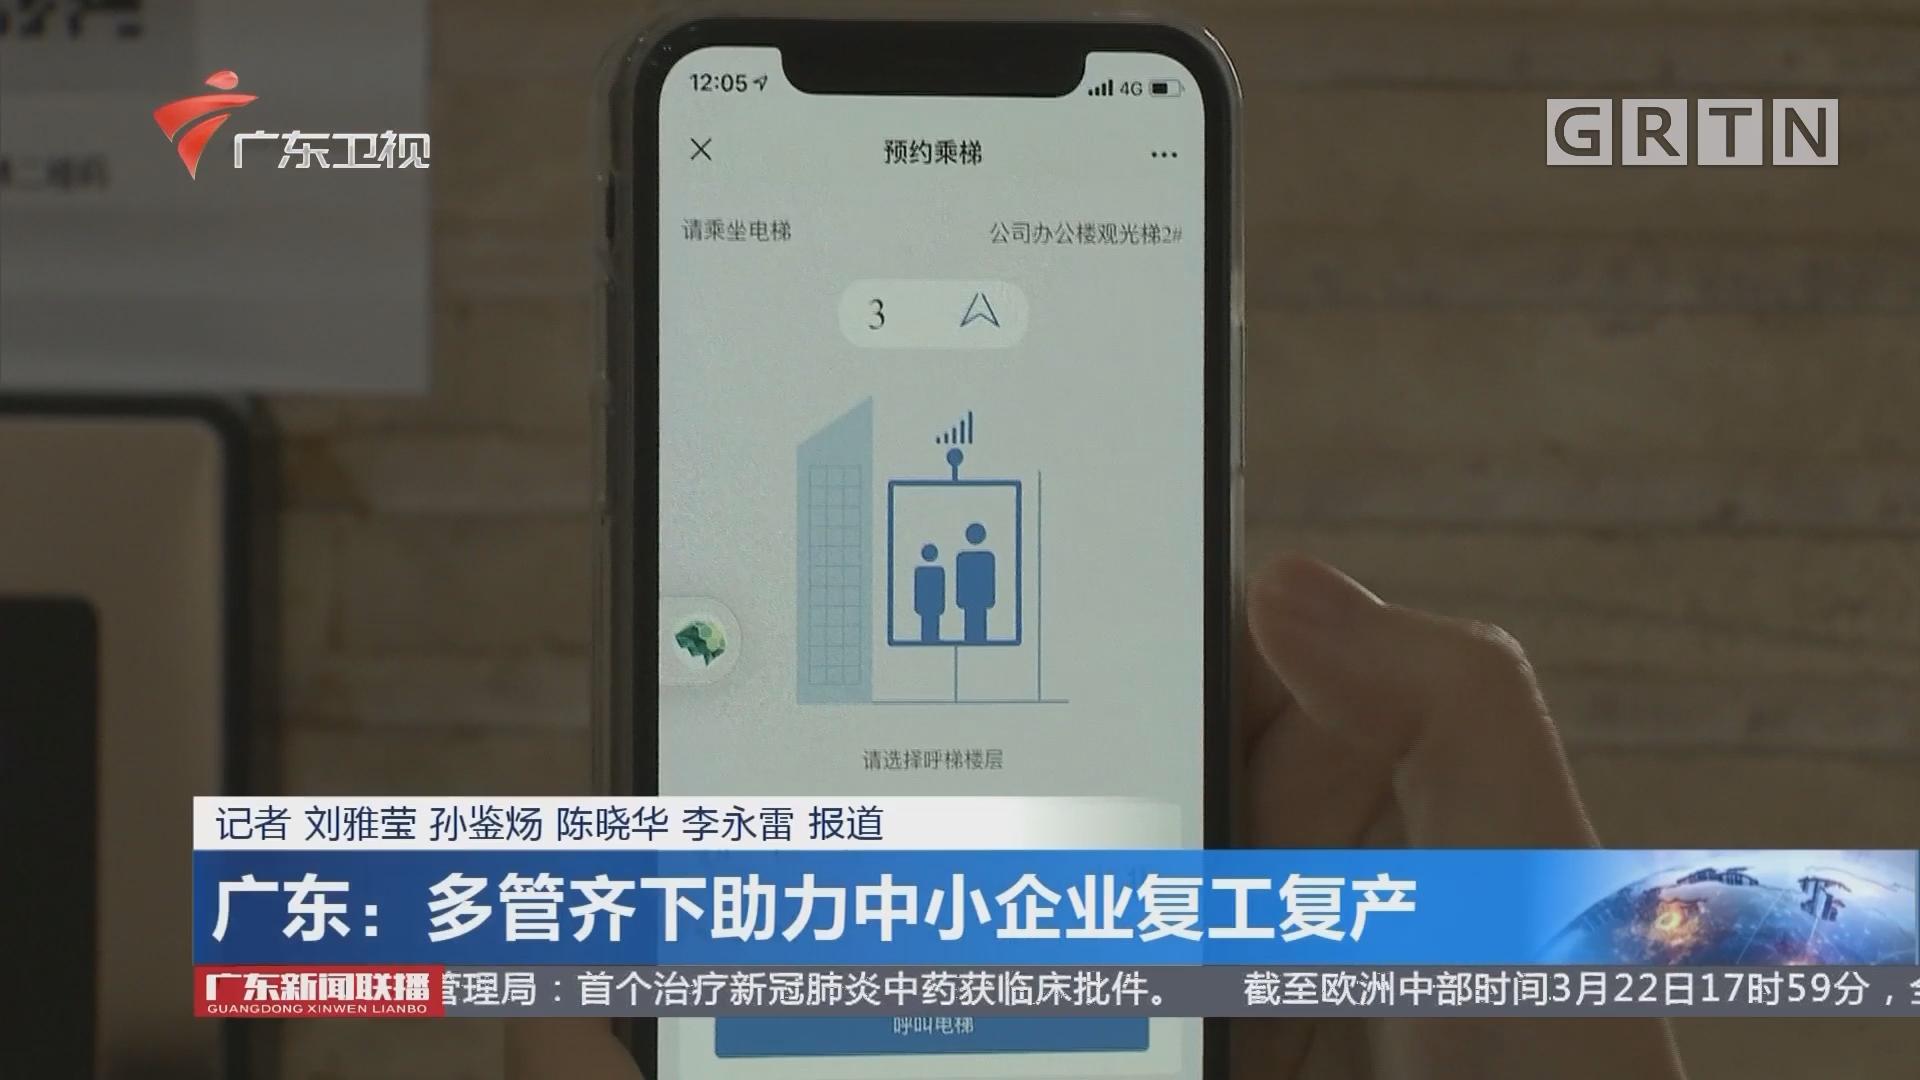 广东:多管齐下助力中小企业复工复产